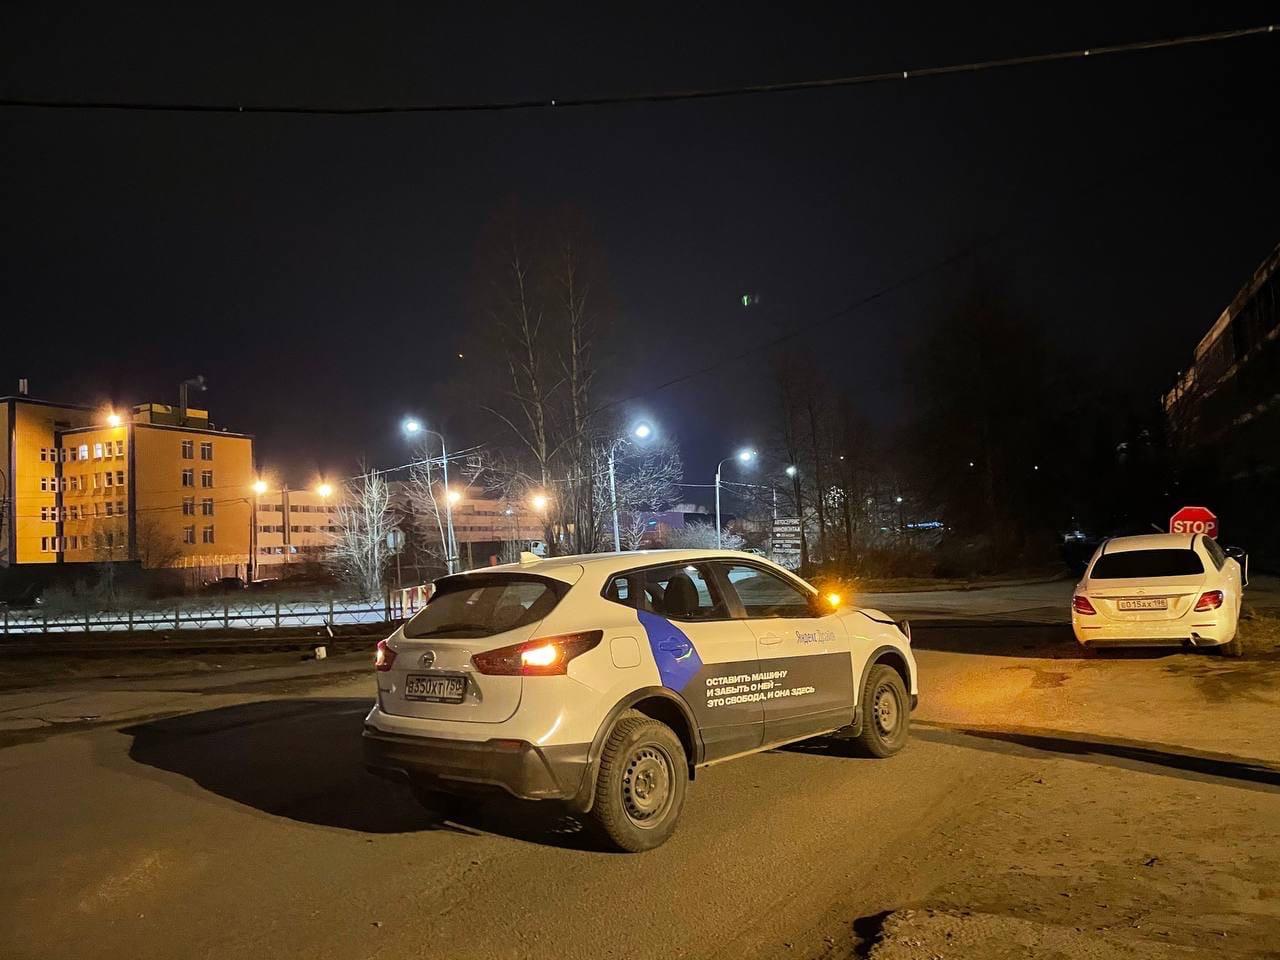 У ЛЭМЗА Каршеринг Яндекс драйв столкнулся с Мерседесом.